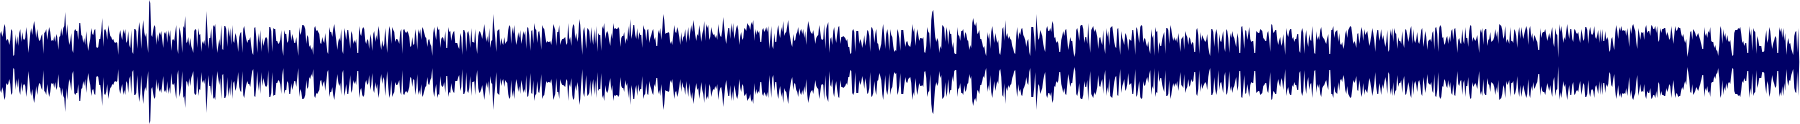 waveform of track #71524